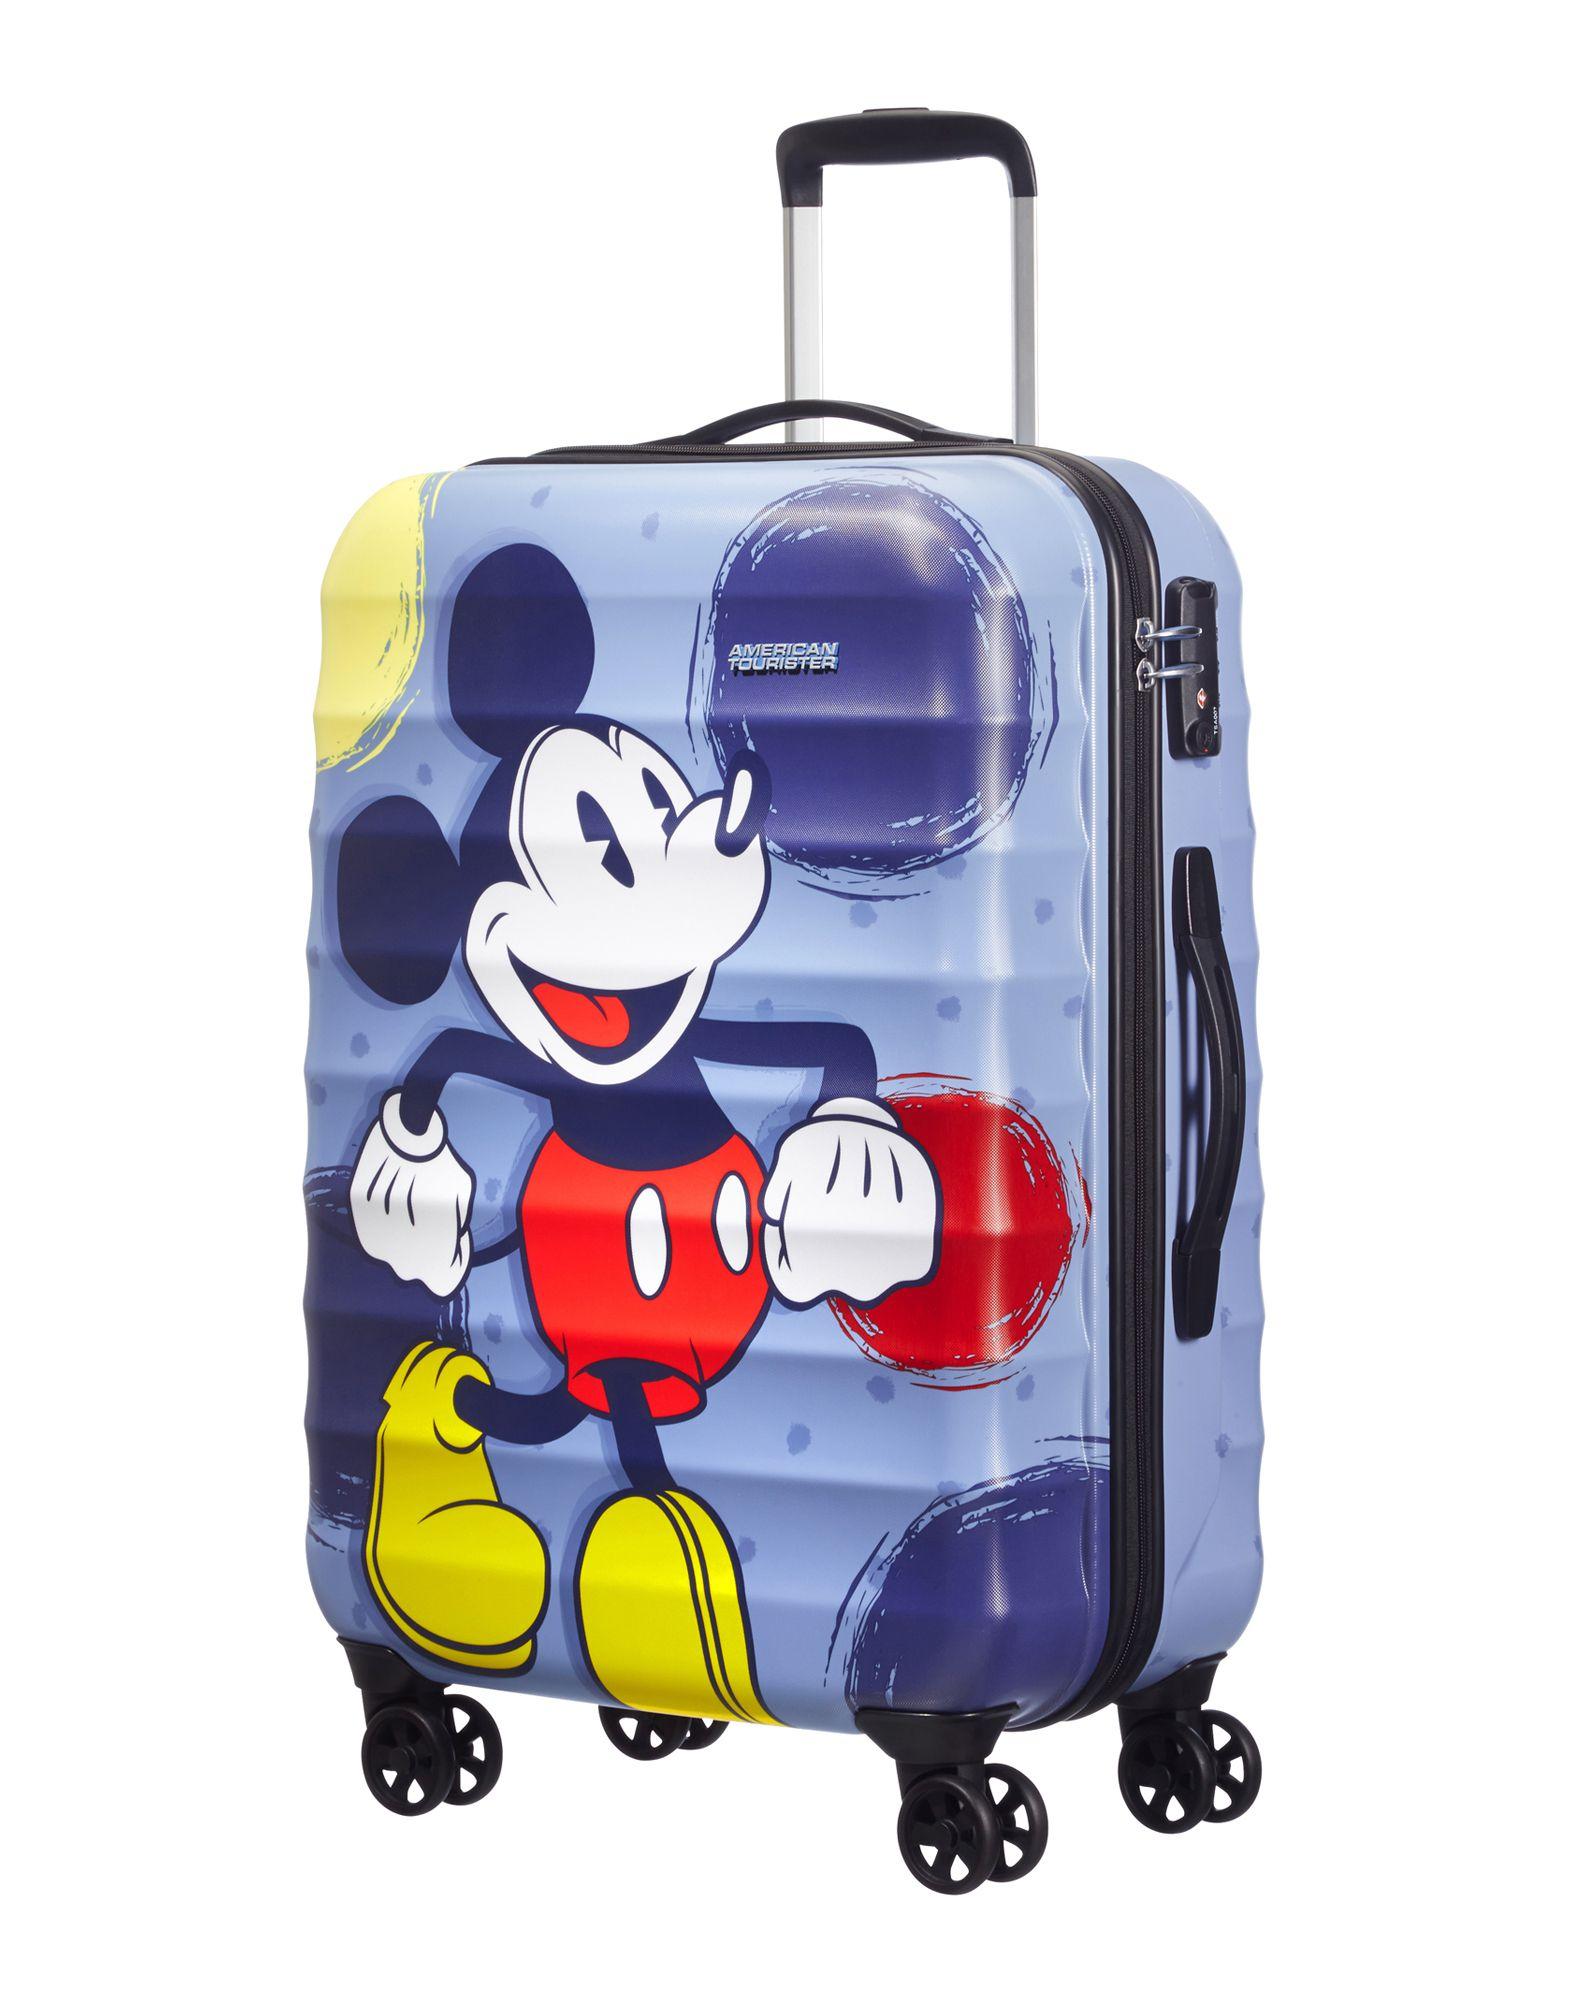 Trolley E Valigie American Tourister Uomo - Acquista online su